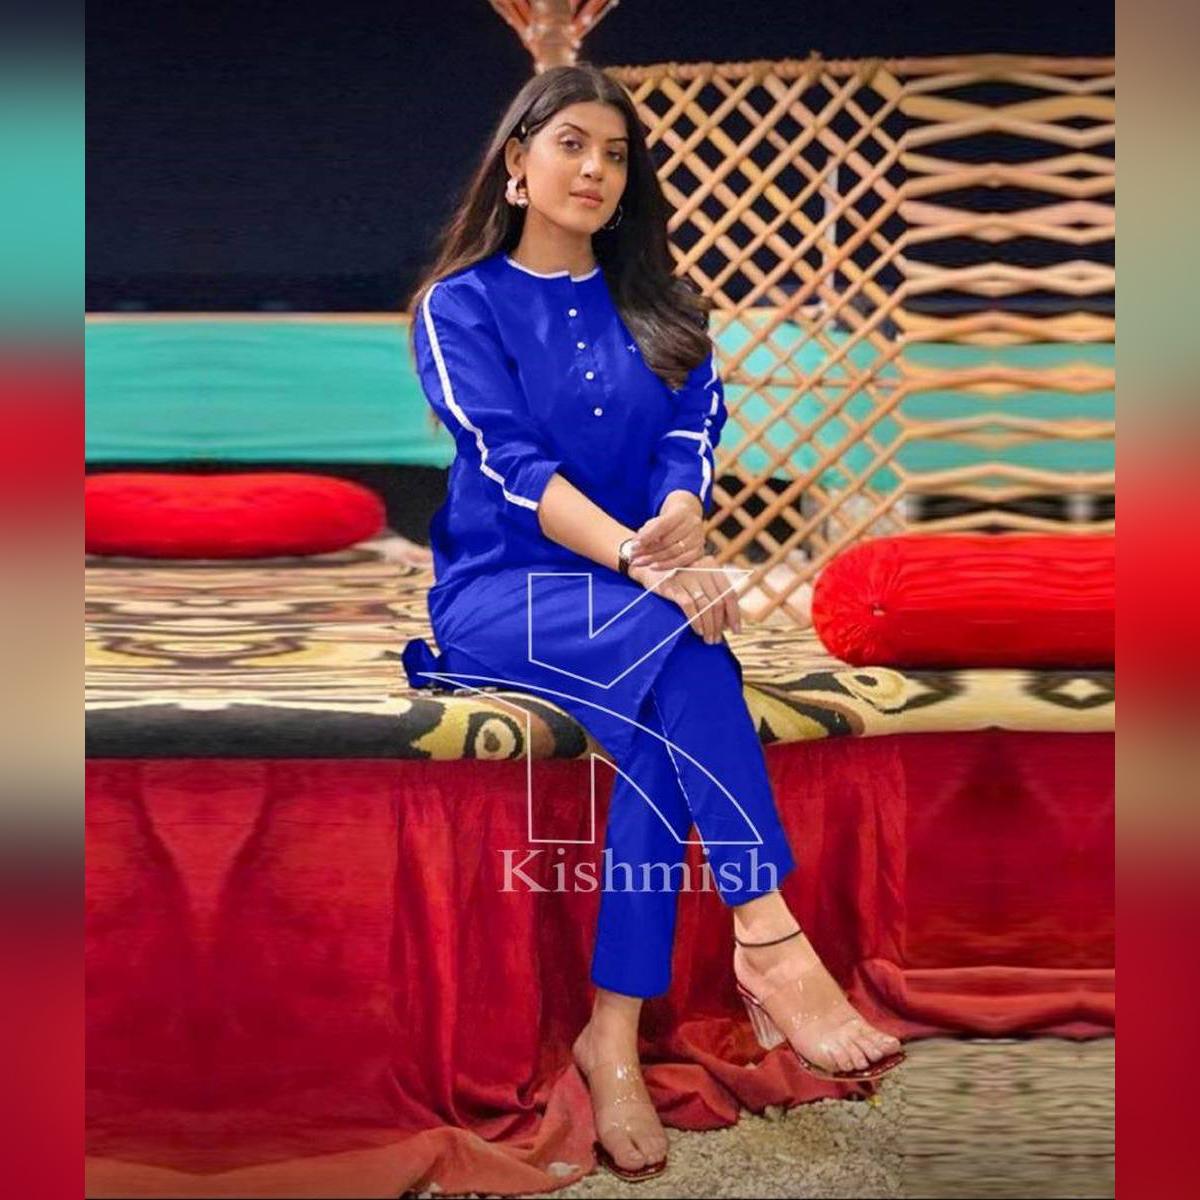 Kishmish Casual Striped Kurti For Girls (Kurti+Trouser) Two Piece/Casual Dresses For Women/Girls